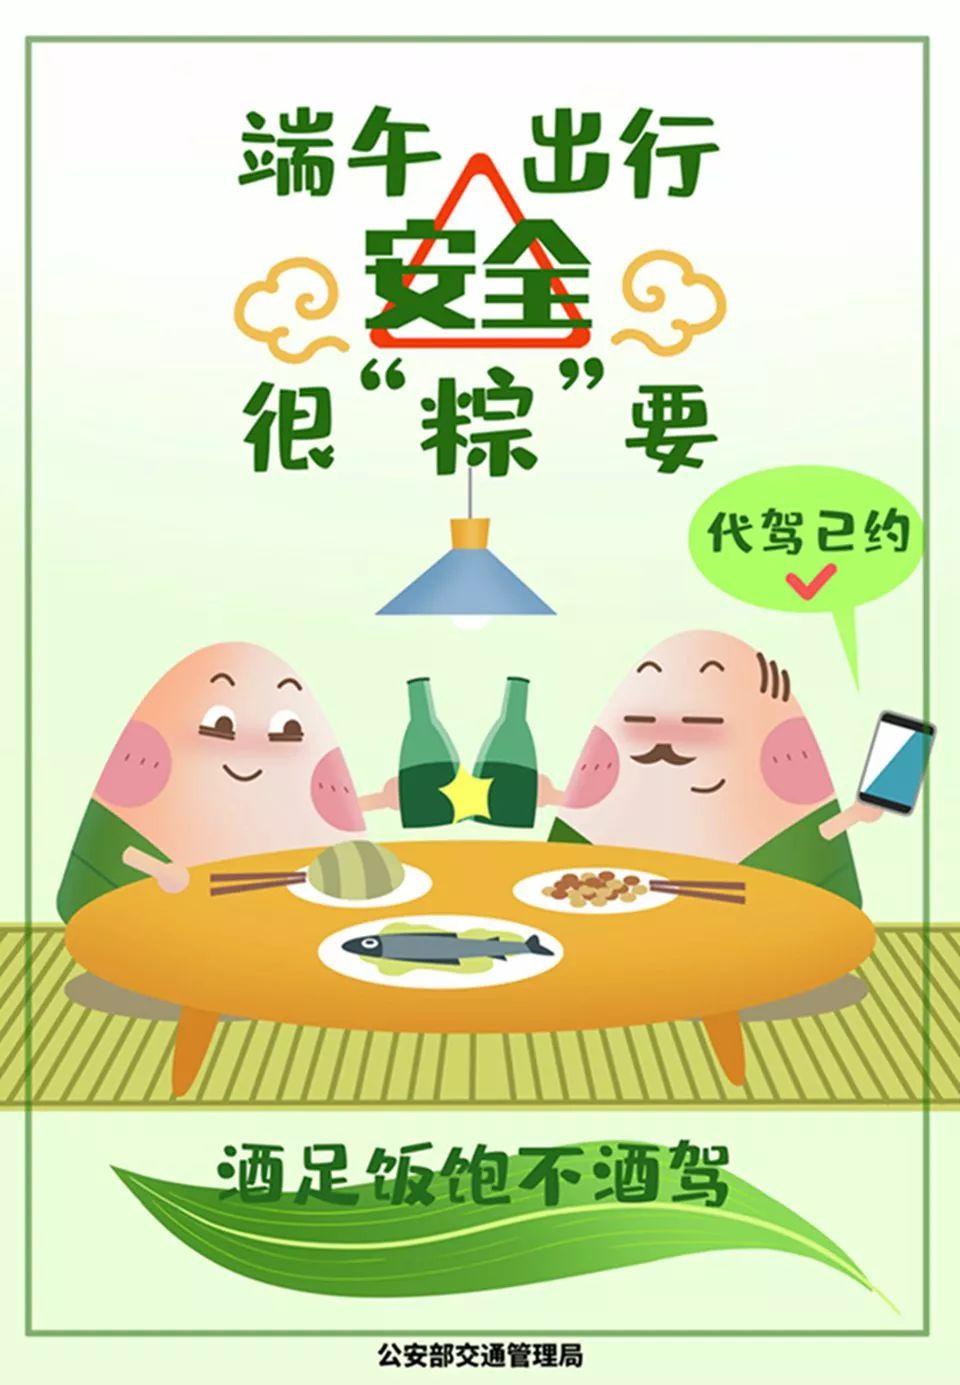 目前市场最贵的手机高考日|北京交警备好摩托车多备头盔,随时准